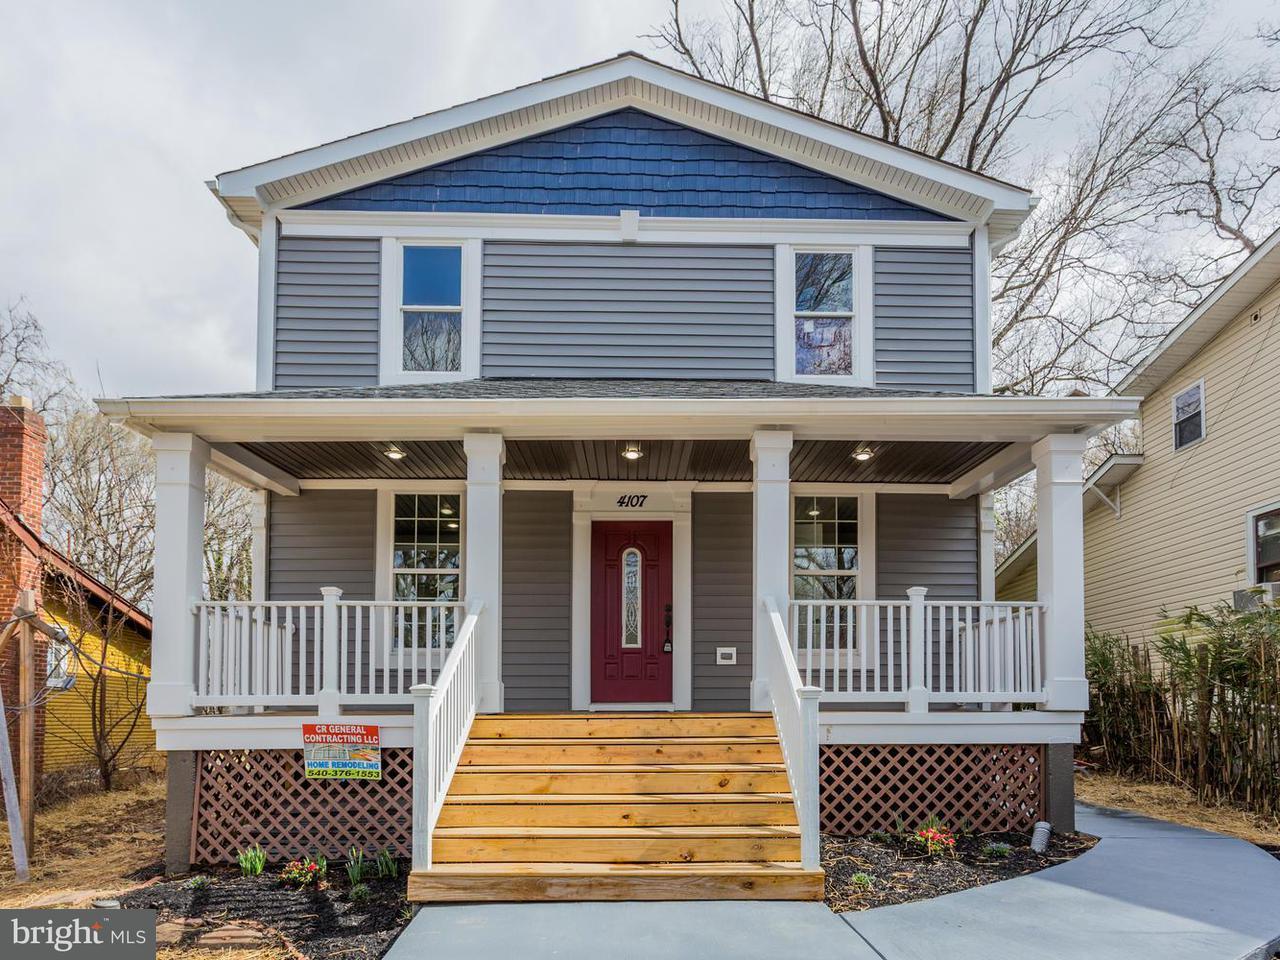 Casa Unifamiliar por un Venta en 4107 30th Street 4107 30th Street Mount Rainier, Maryland 20712 Estados Unidos